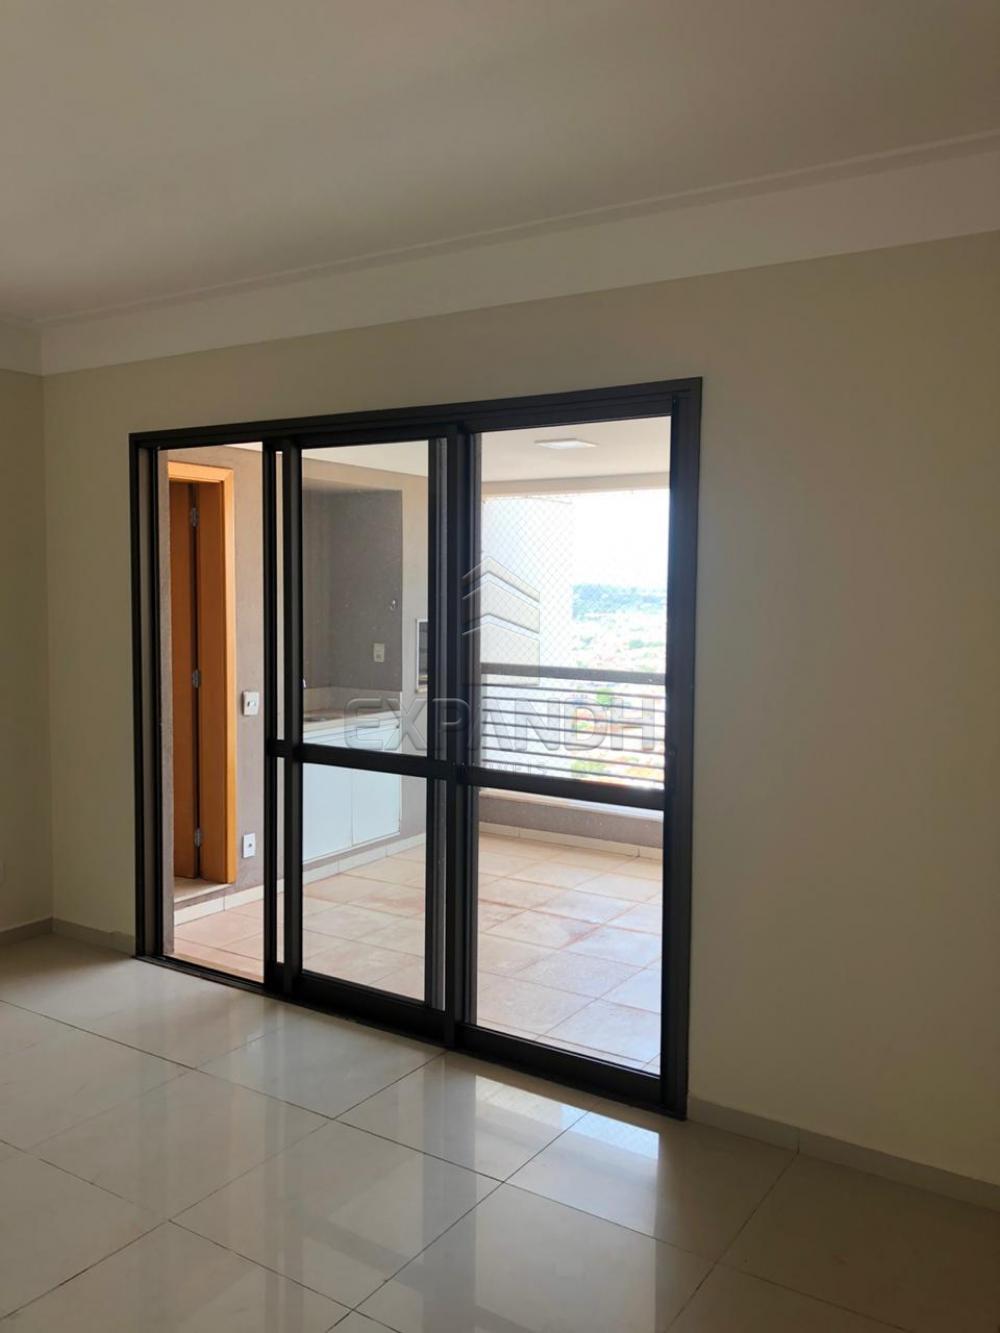 Alugar Apartamentos / Padrão em Sertãozinho apenas R$ 1.650,00 - Foto 27